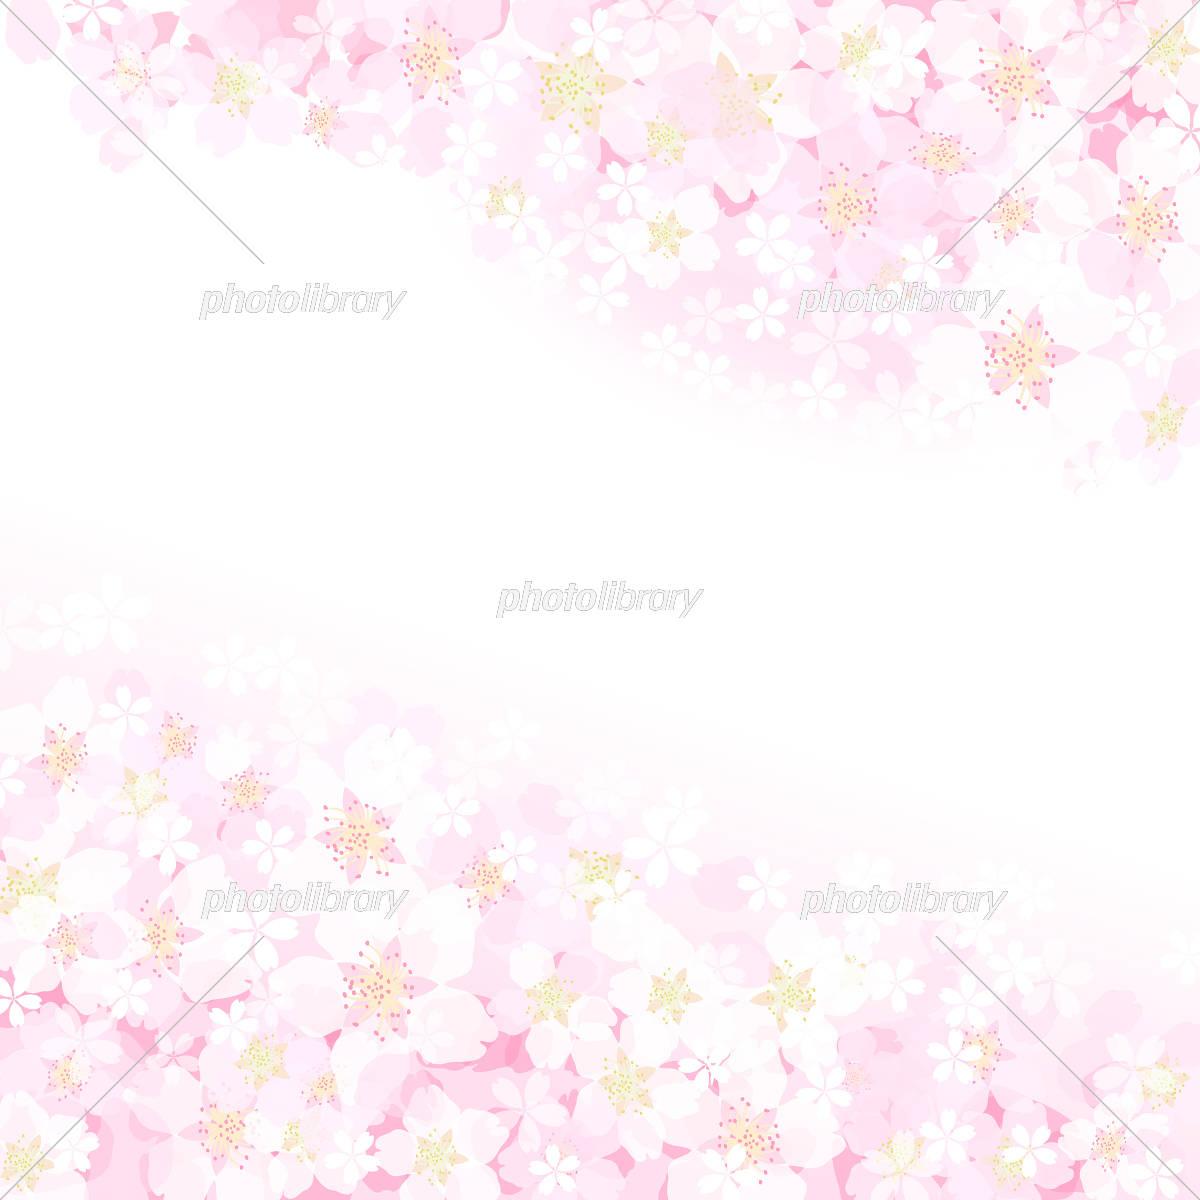 桜 背景 イラスト素材 [ 5482934 ] - フォトライブラリー photolibrary